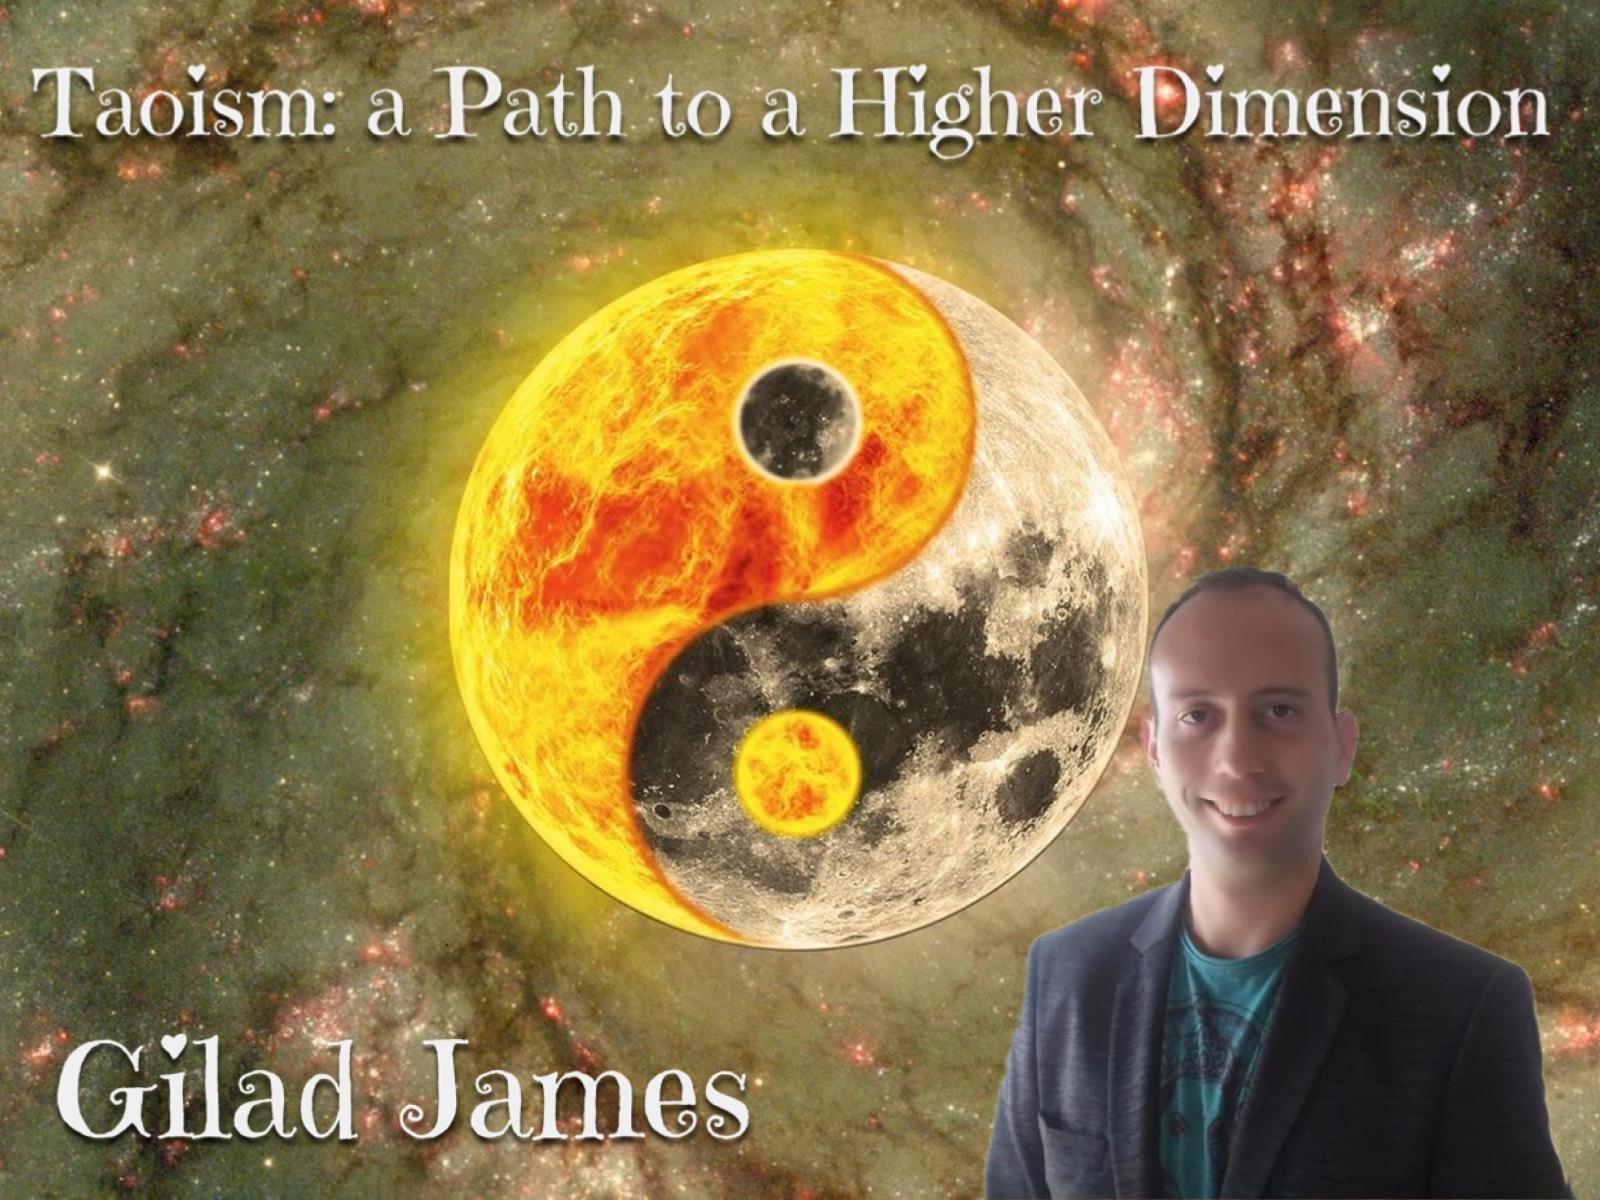 Taoism: a path to a higher dimension - Season 1